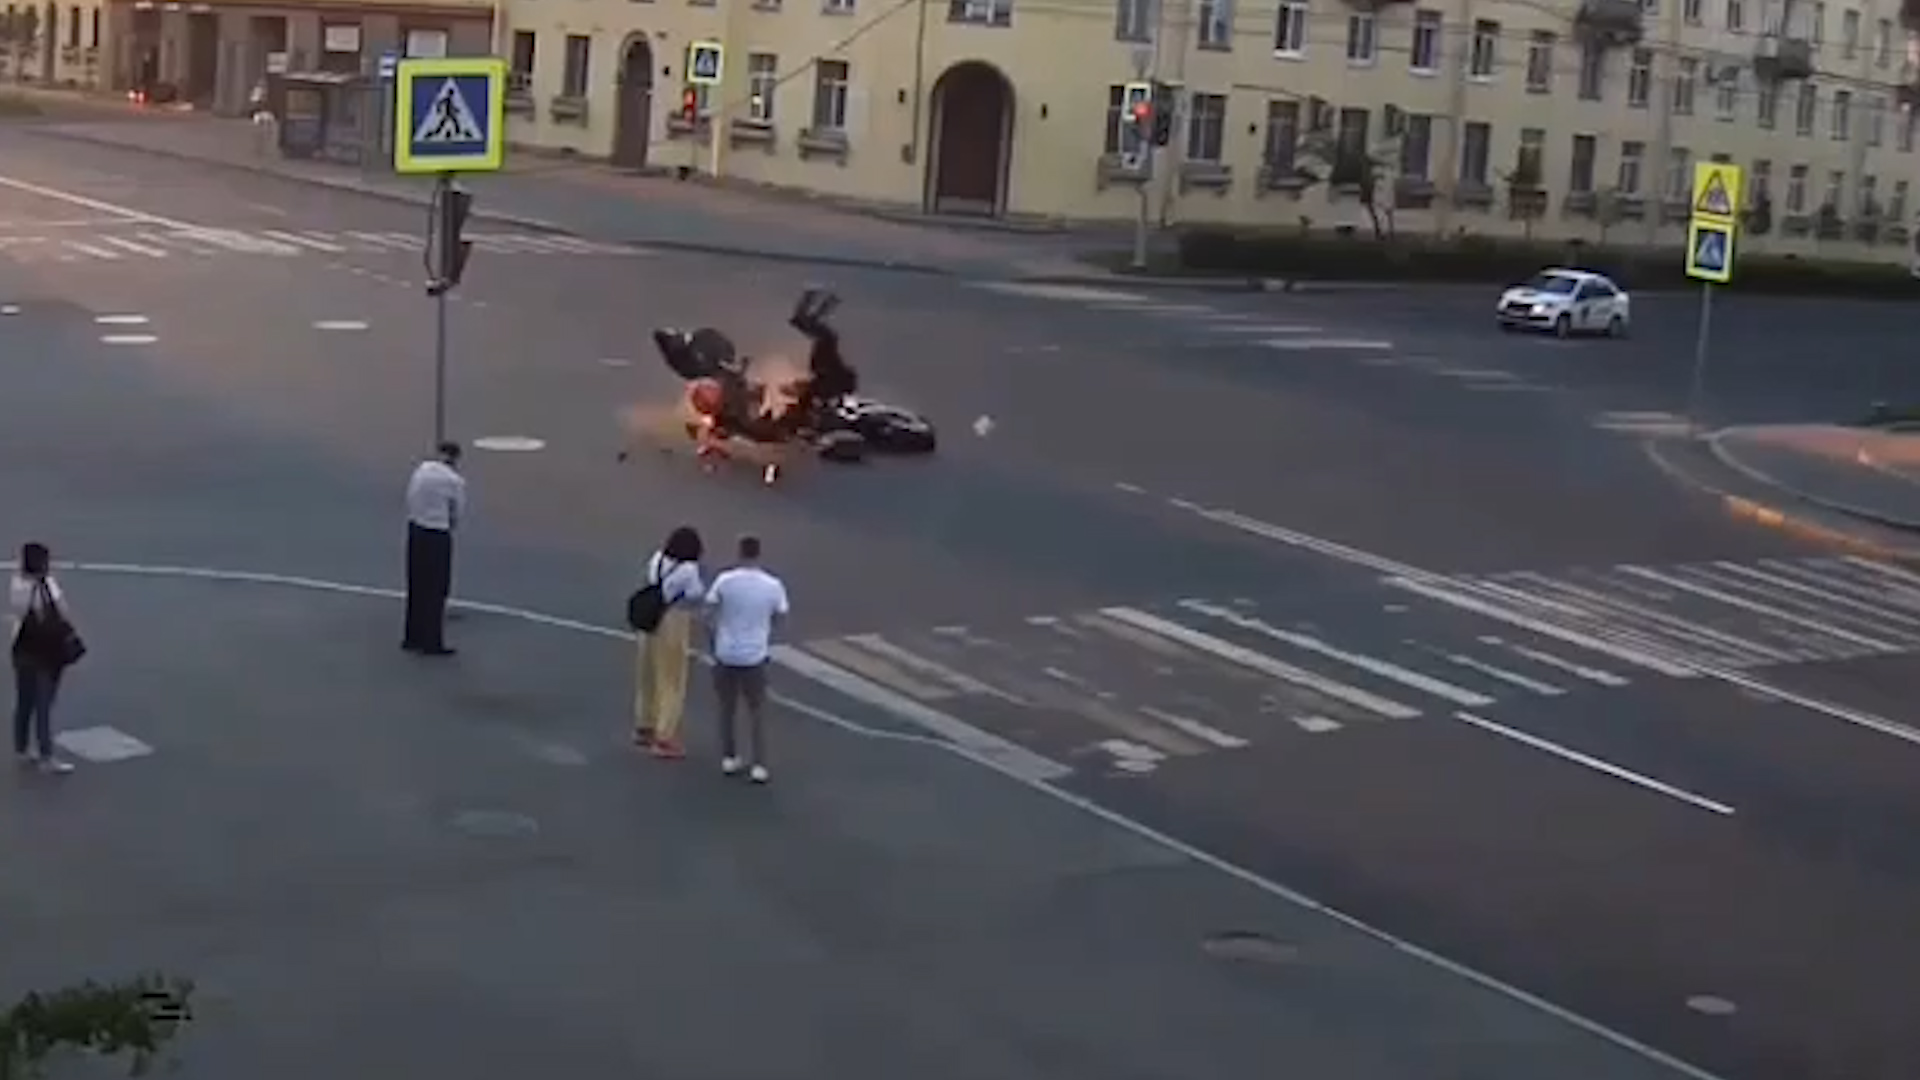 Жёсткое столкновение двух мотоциклистов в Петербурге попало на видео